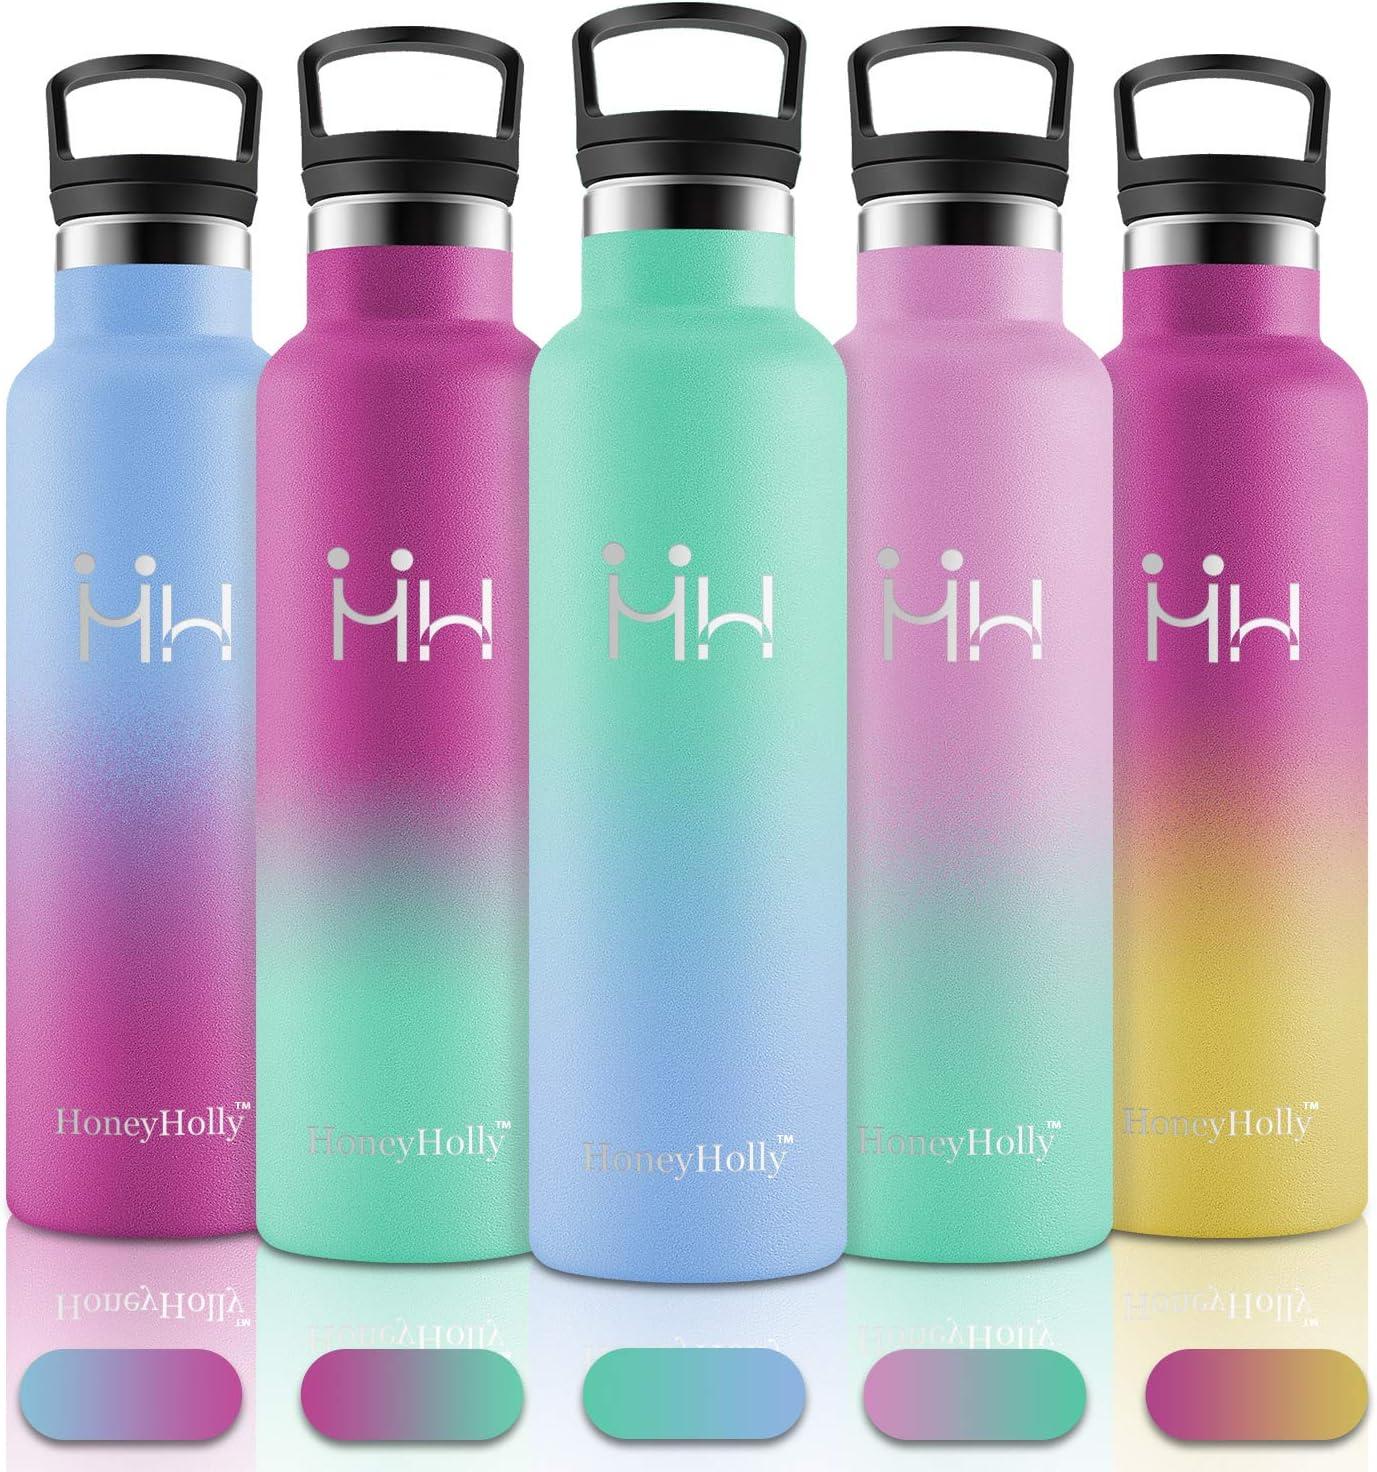 HoneyHolly Botella de Agua Acero Inoxidable 350ml/500ml/600ml/750ml/1000ml, Aislamiento de Vacío de Doble Pared, Botellas de Frío/Caliente, sin bpa Botella Reutilizable para niños Gimnasio Bicicleta